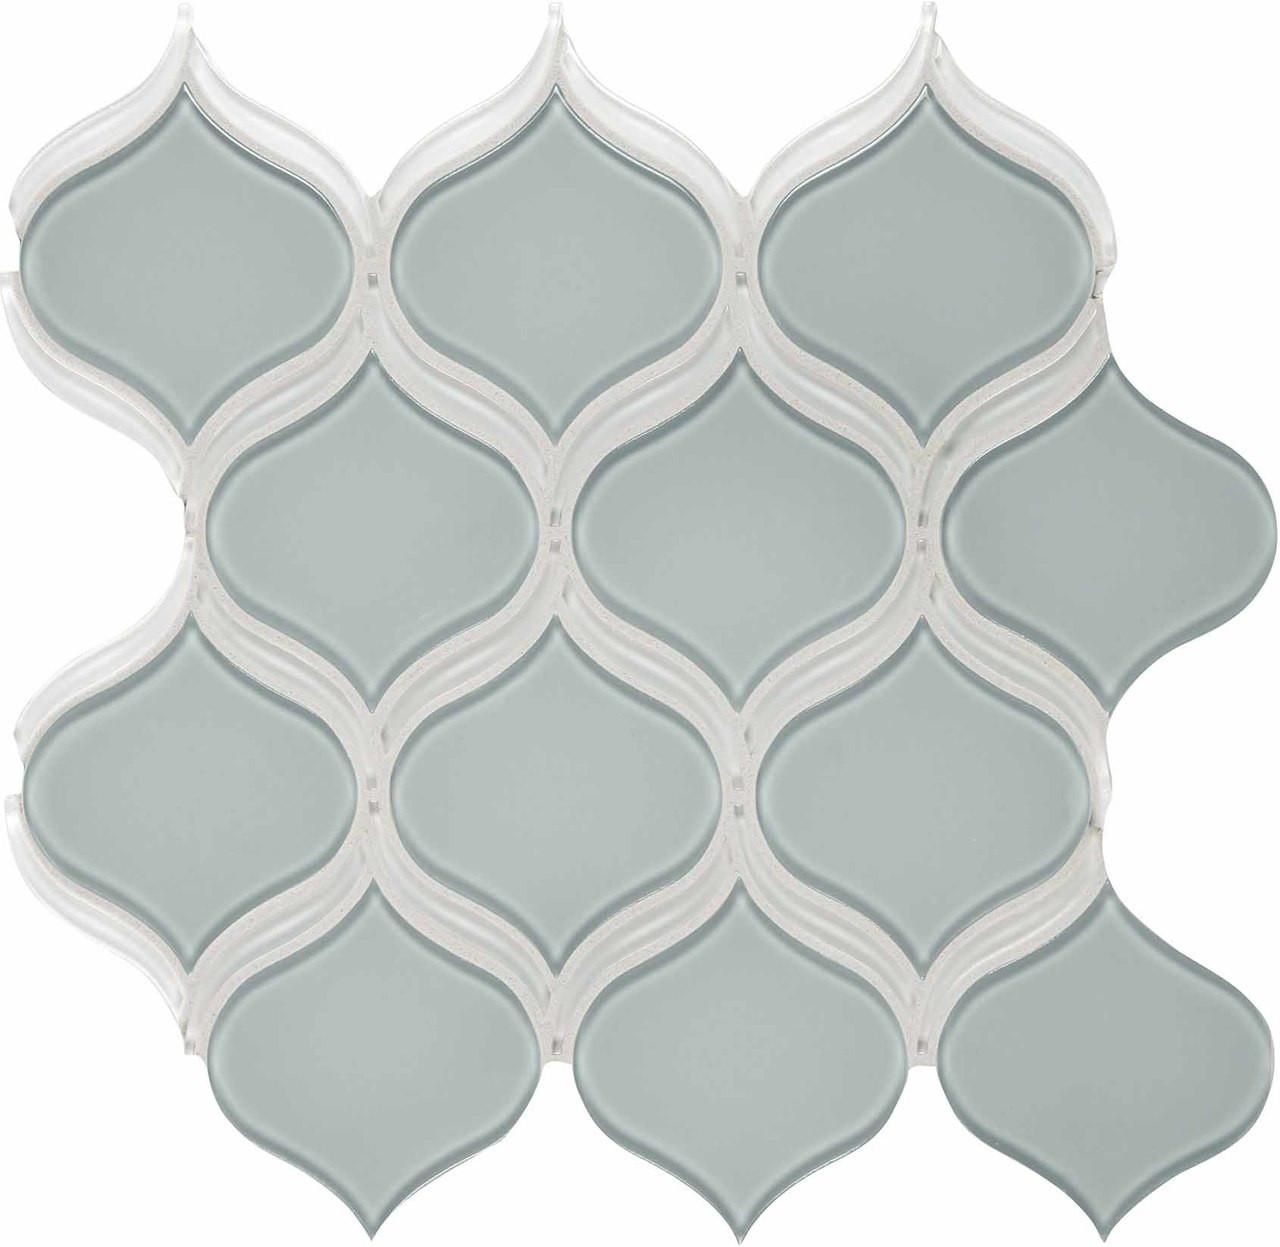 element cloud arabesque glass mosaic 12 17 x 11 46 sheet